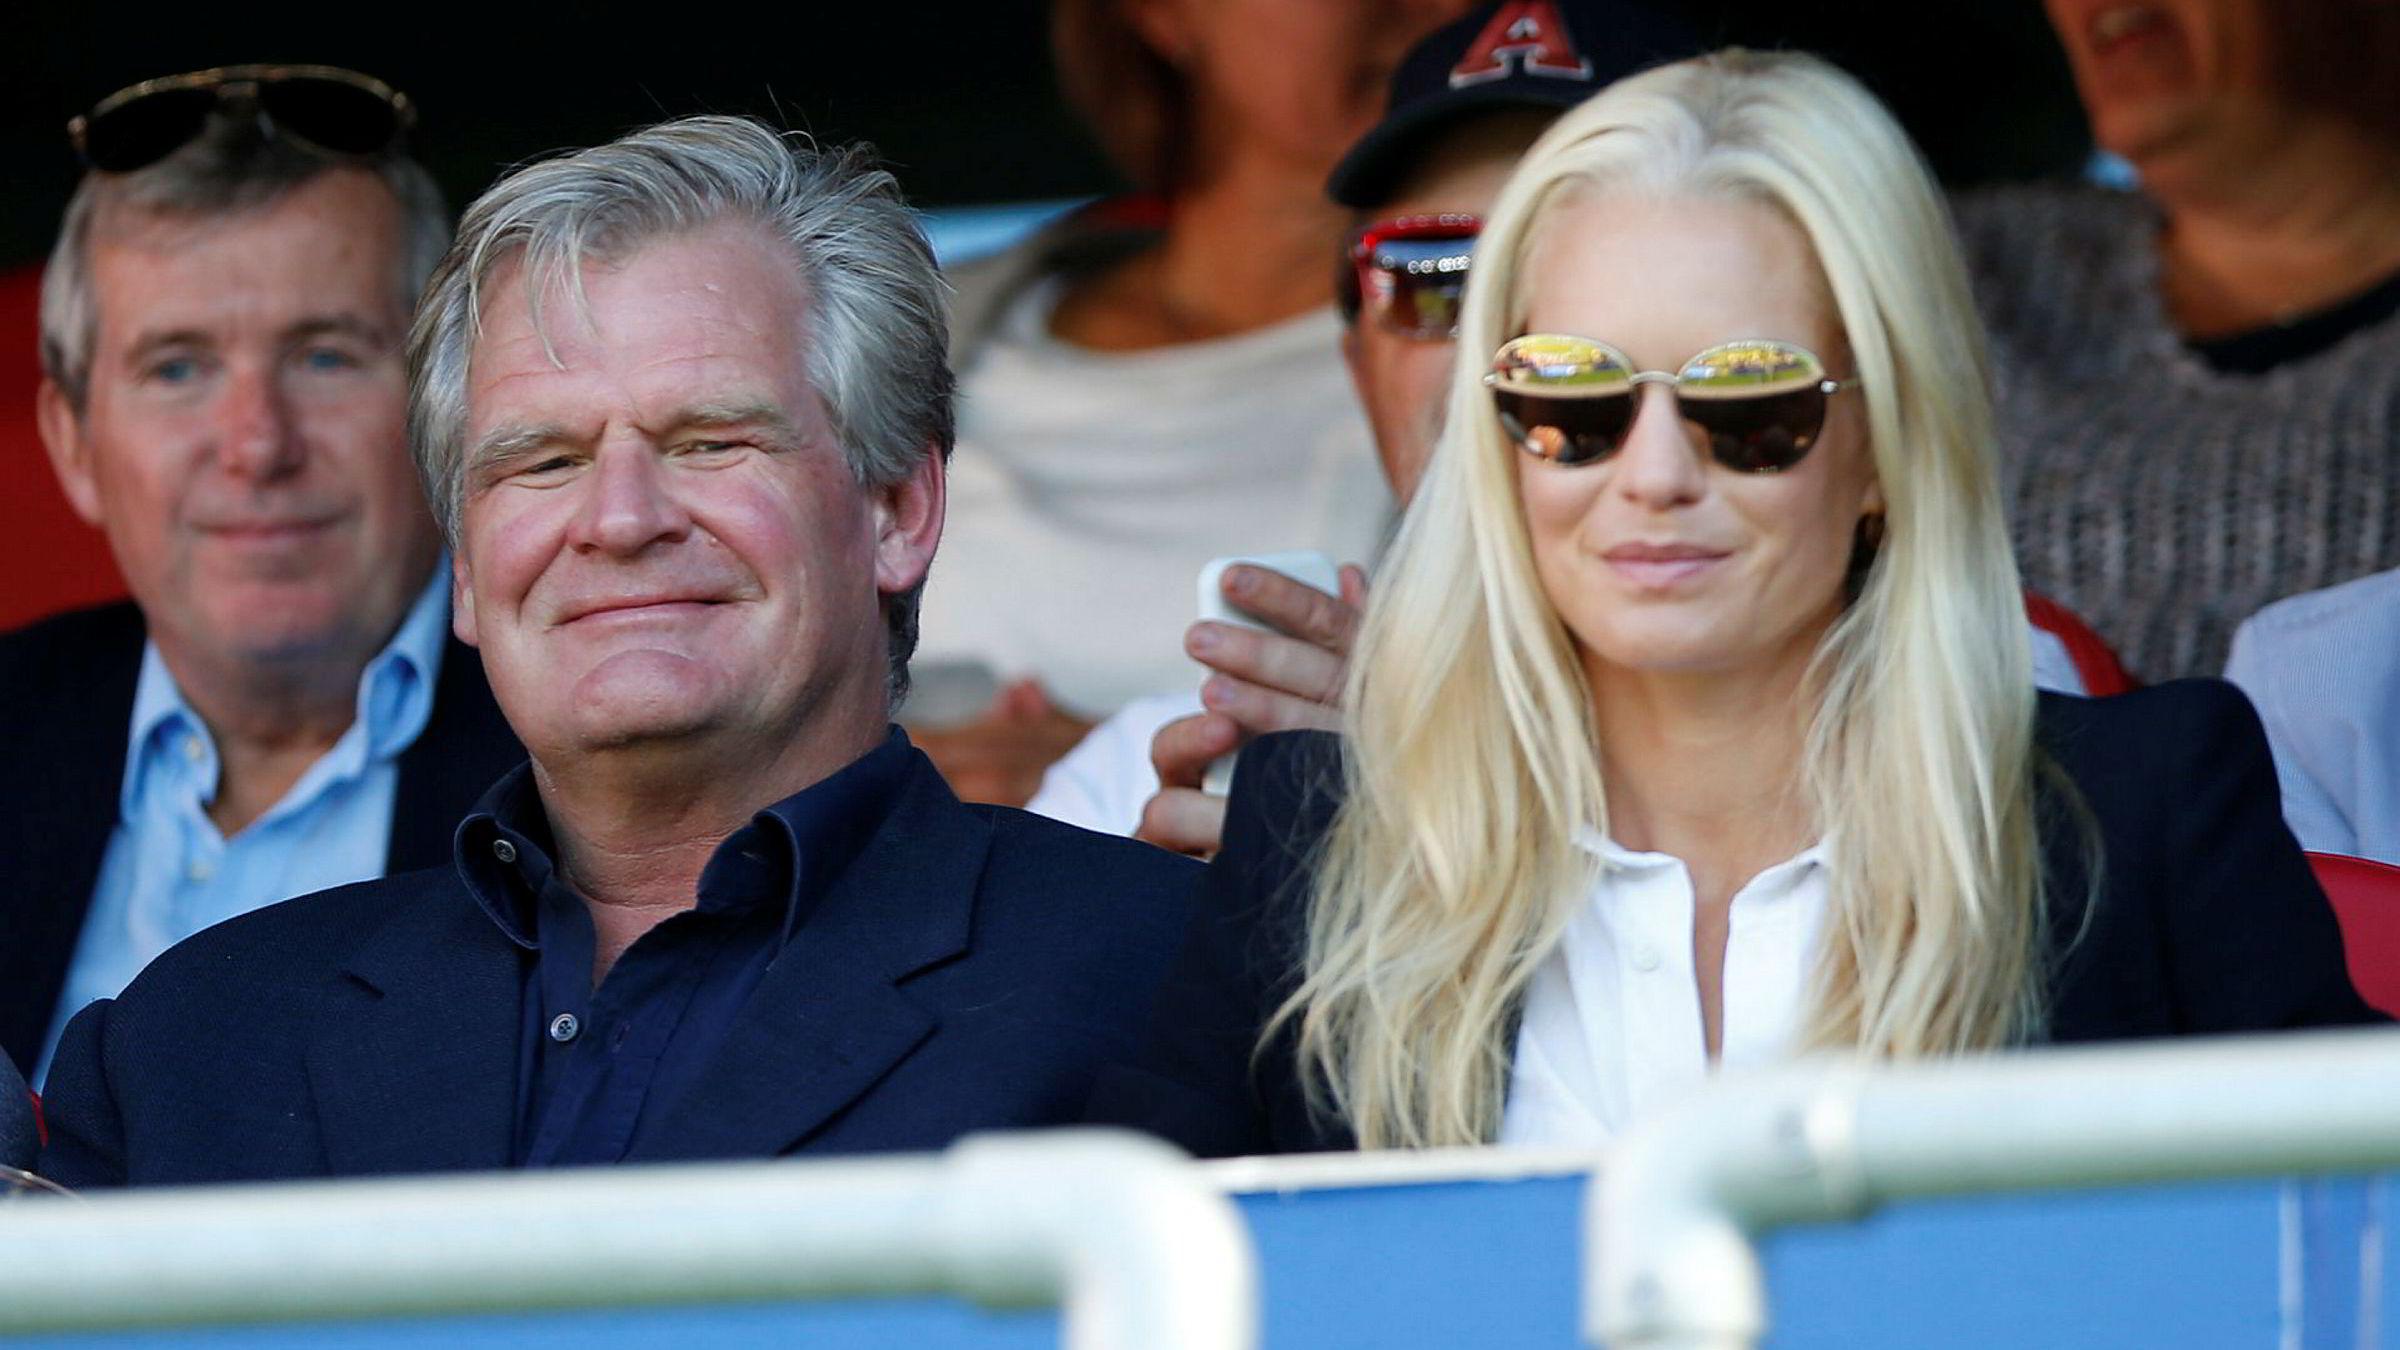 Tor Olav Trøim sammen med sine kone Celina Midelfart på en Vålerenga-kamp.